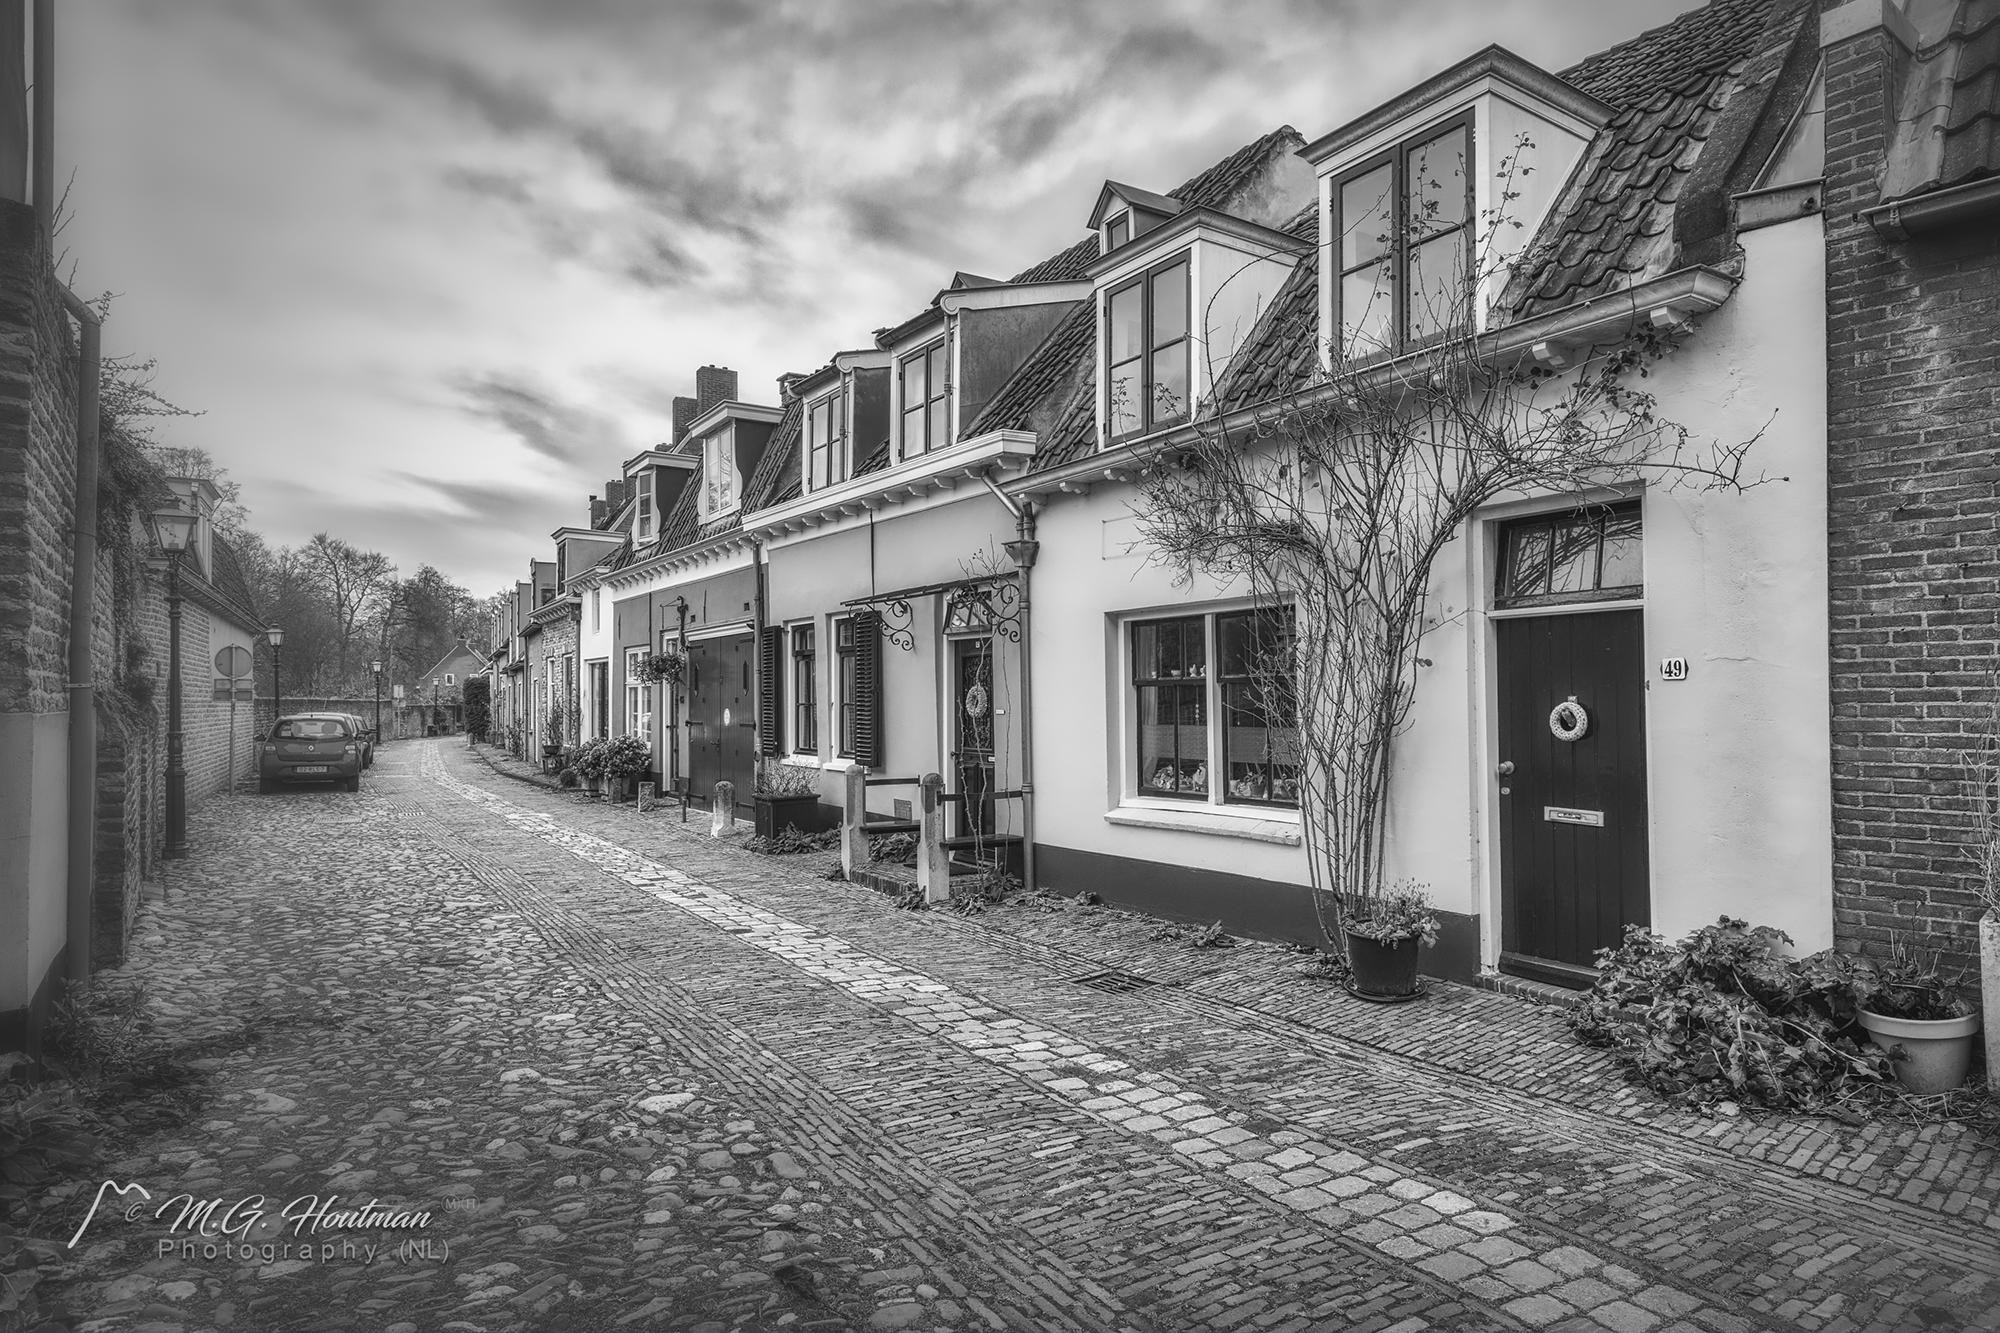 Old Wijk bij Duurstede (NL)